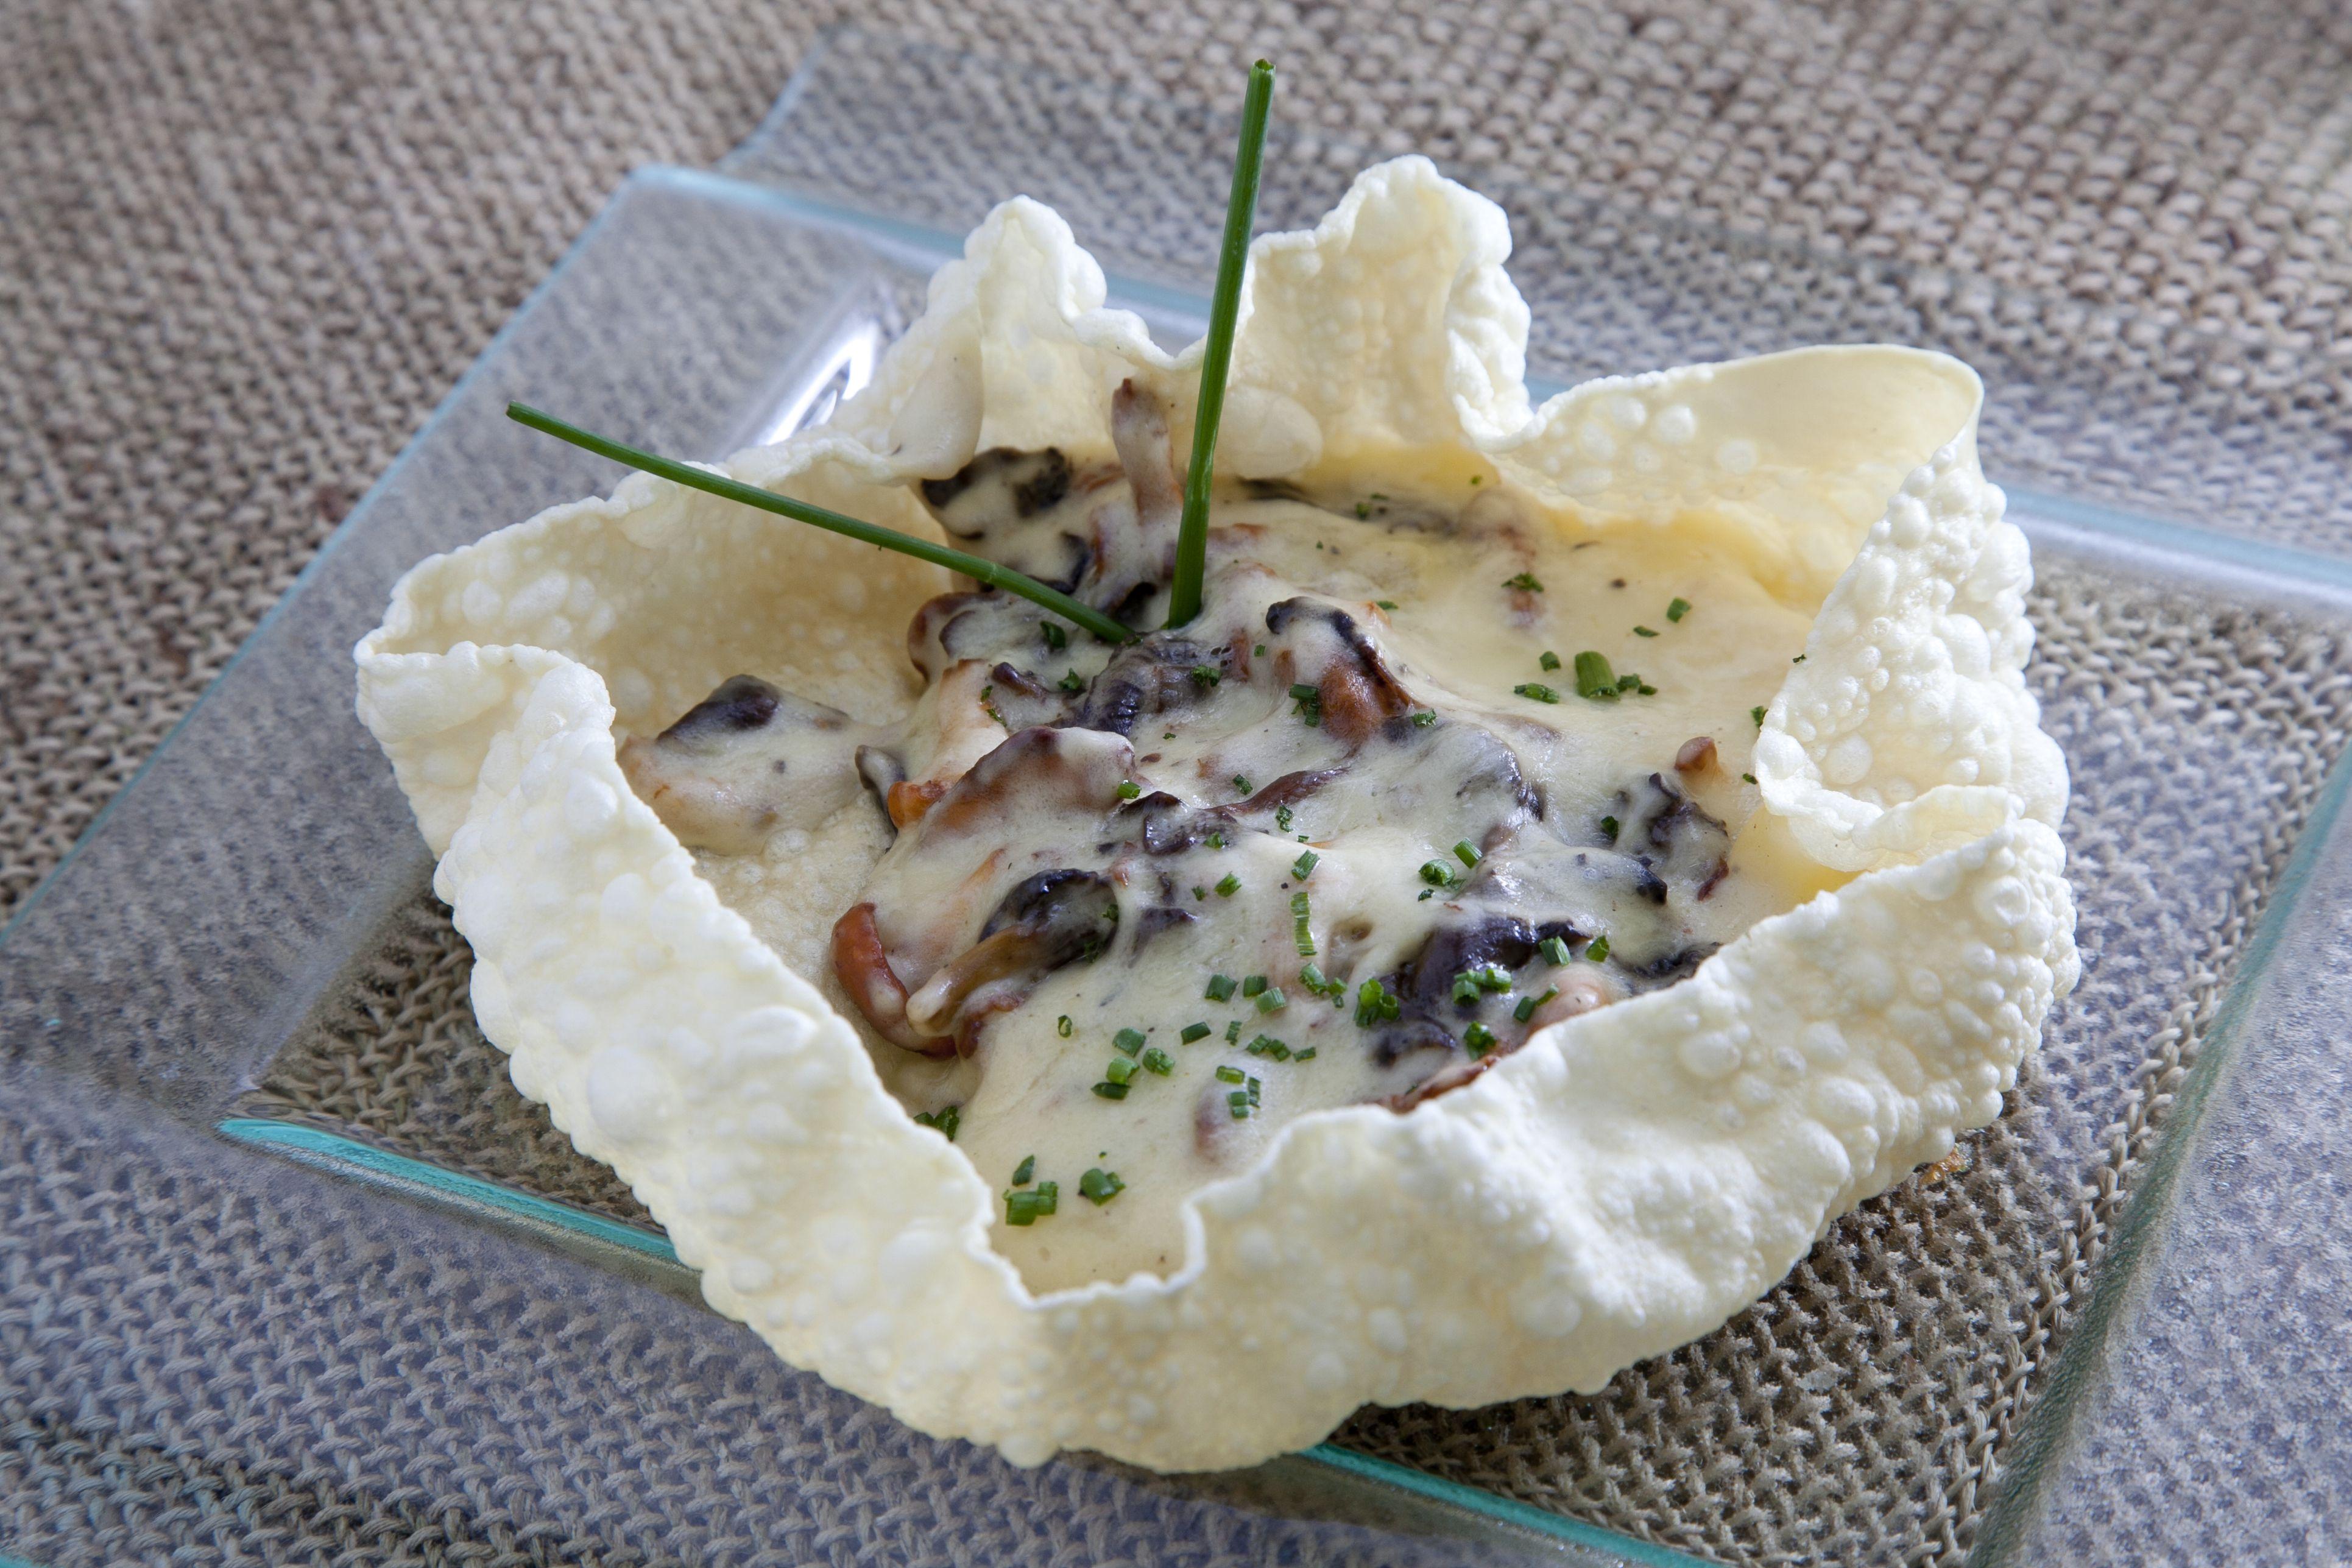 Cestos de setas con queso de tetilla http://www.canalcocina.es/receta/cestos-de-setas-con-queso-de-tetilla